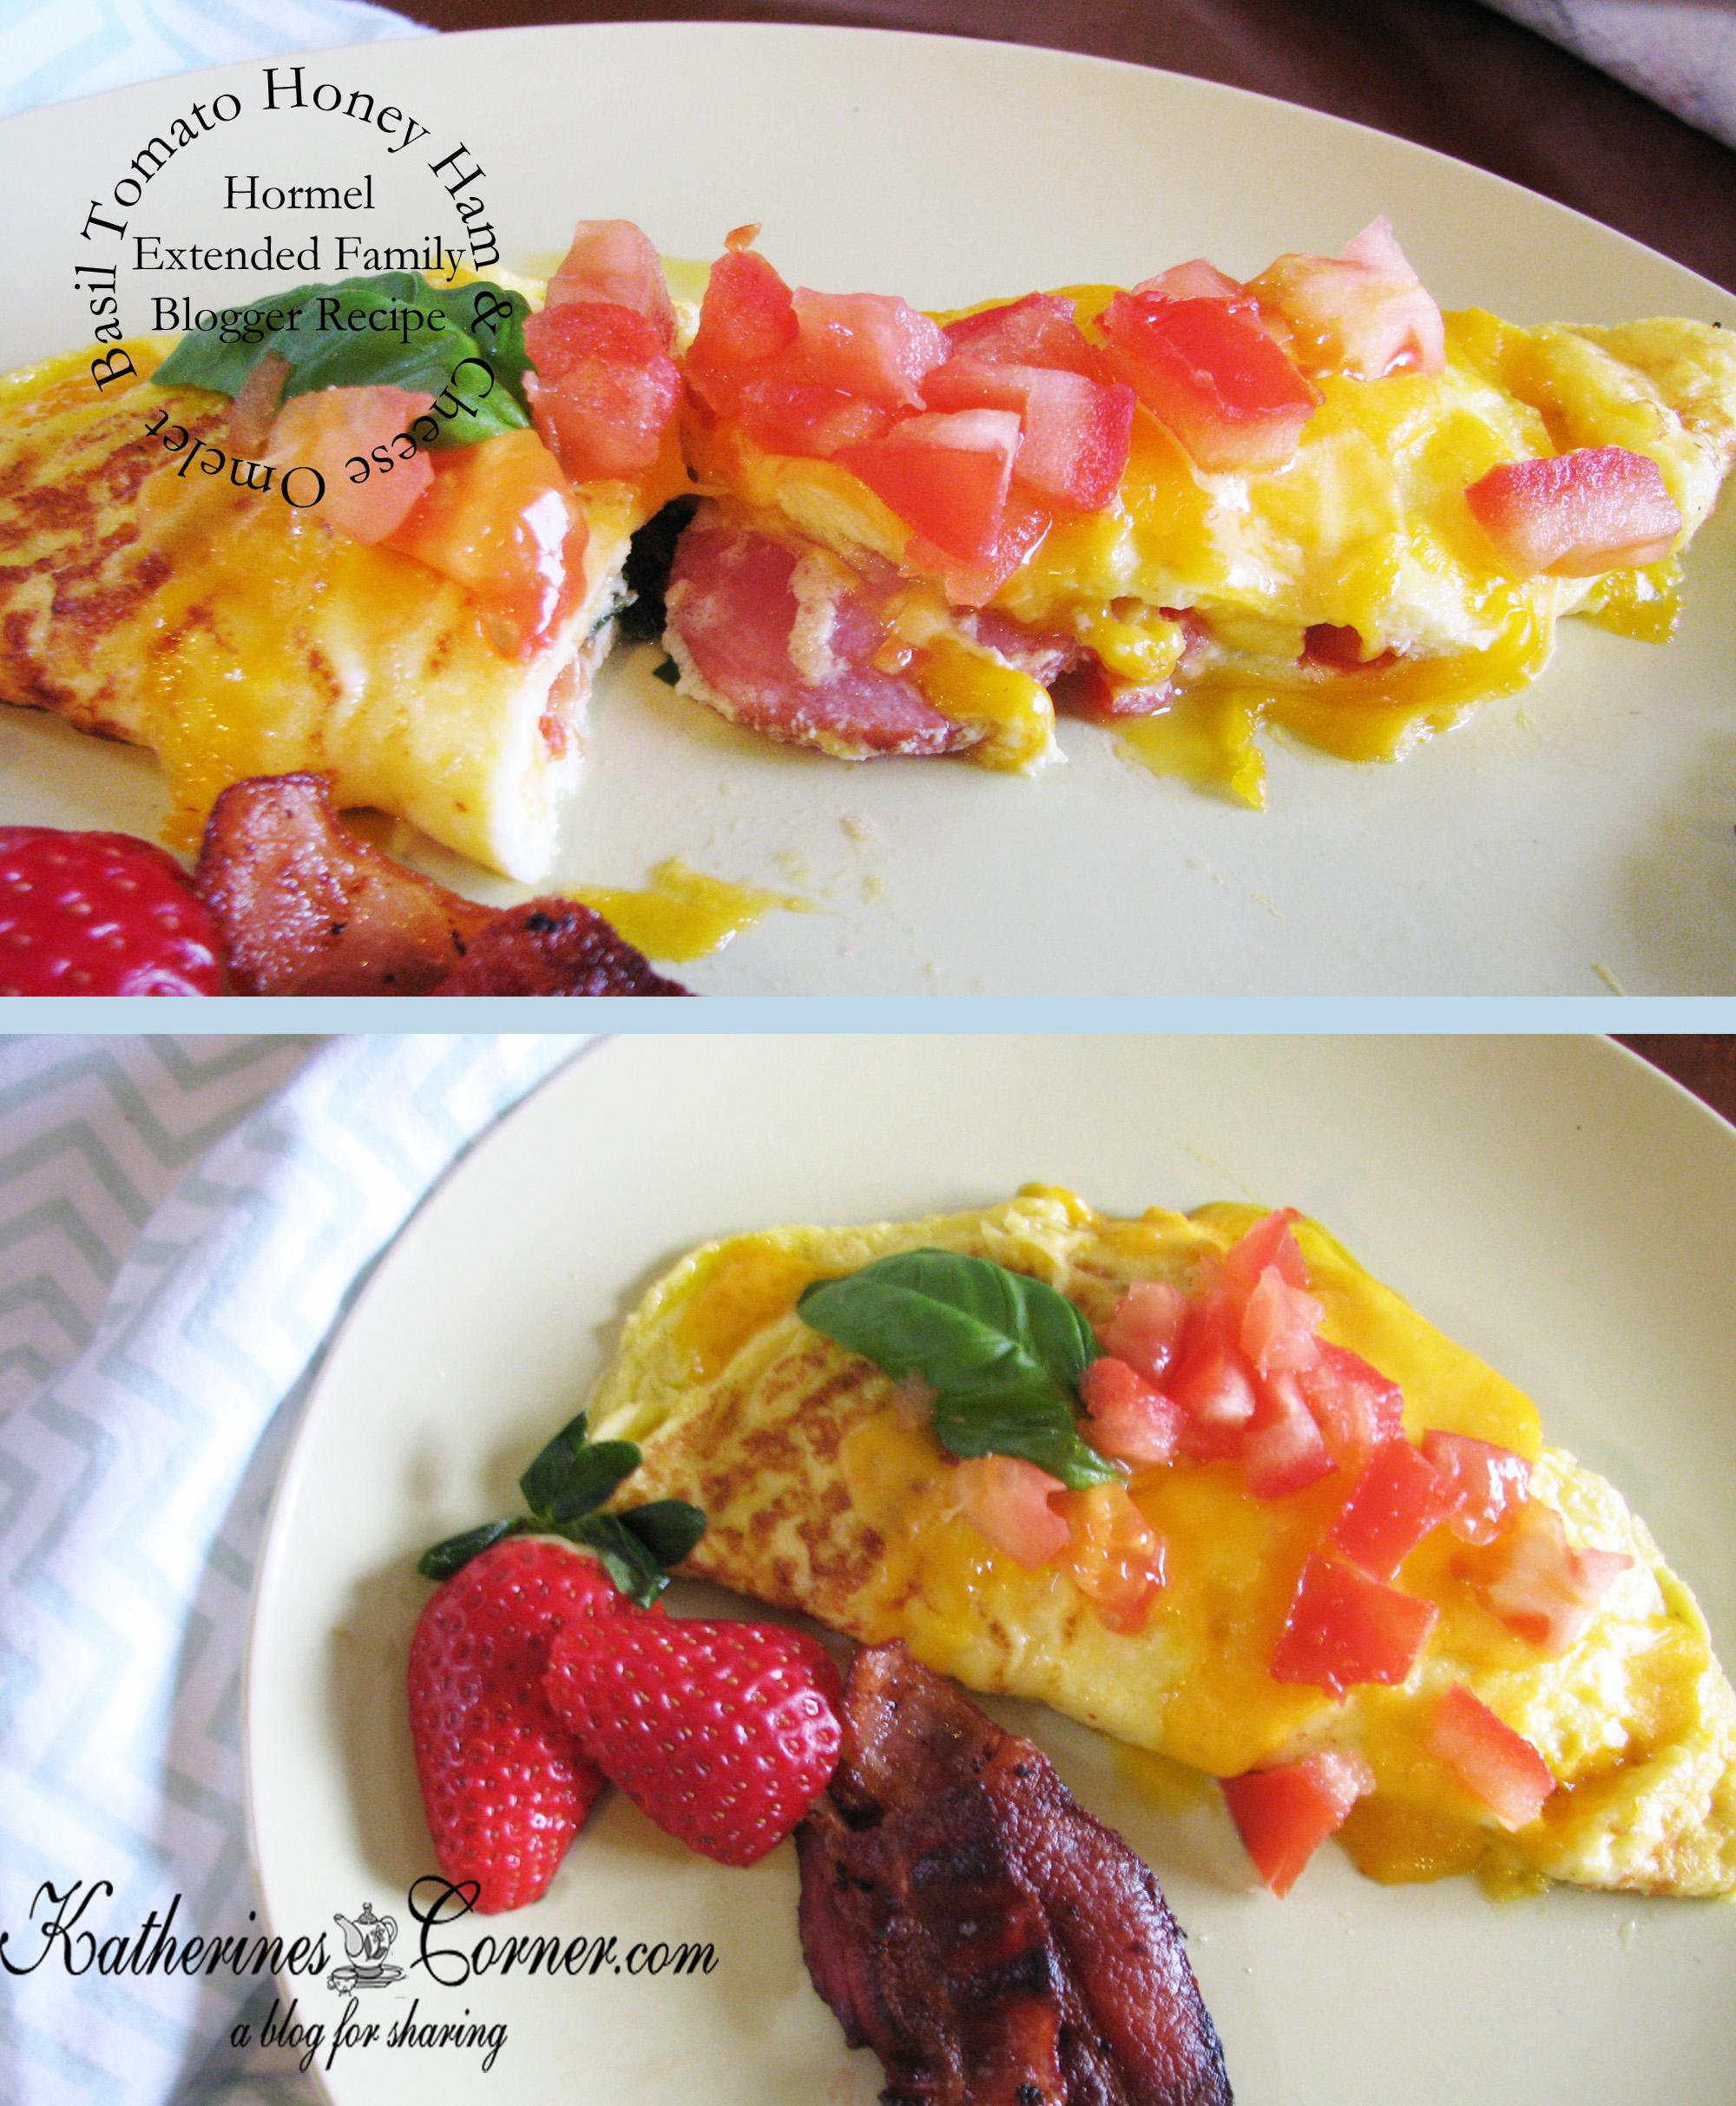 Basil Tomato Honey Ham Cheese Omelet